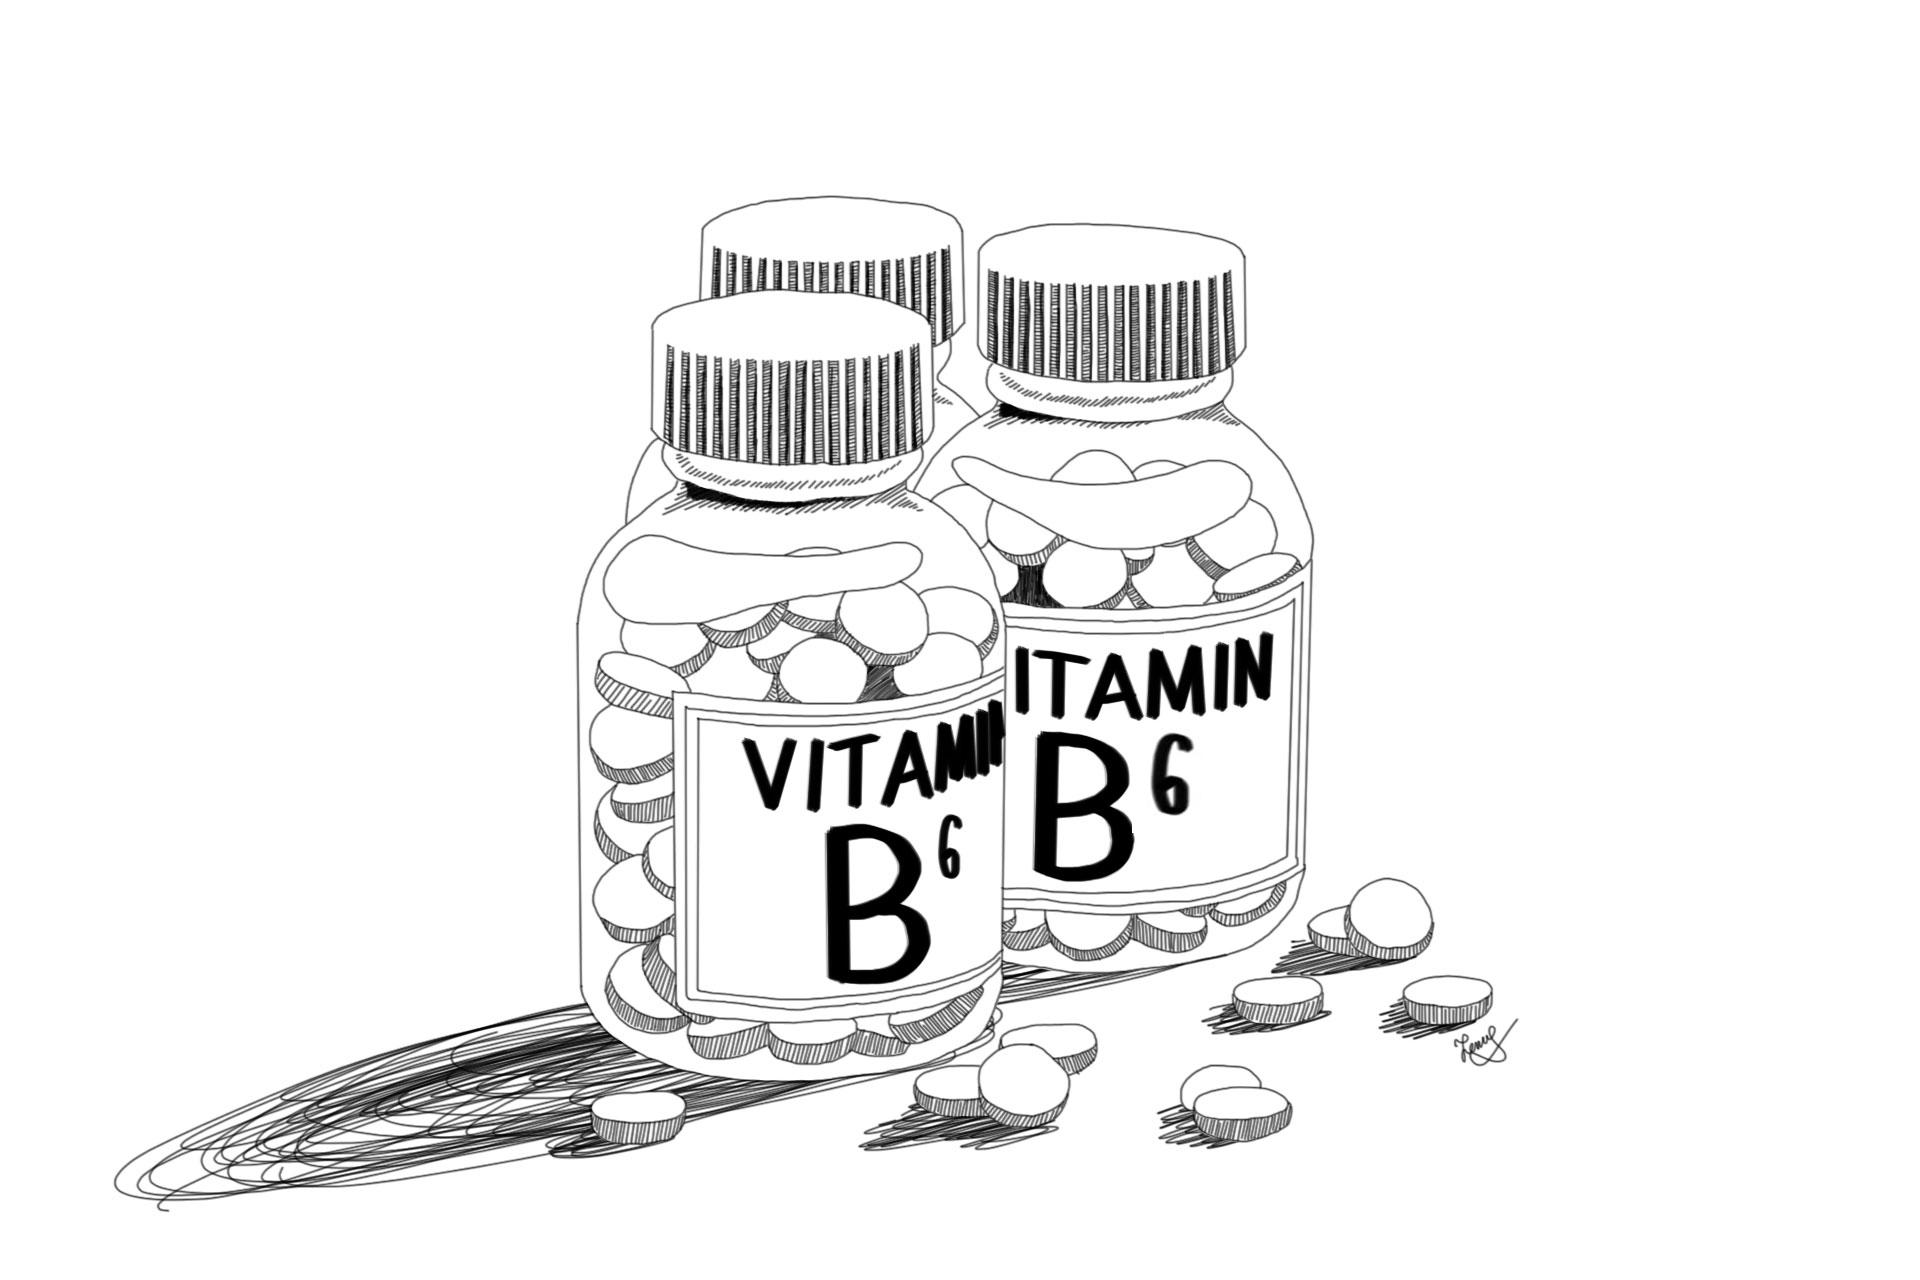 b6 segíthet a fogyásban